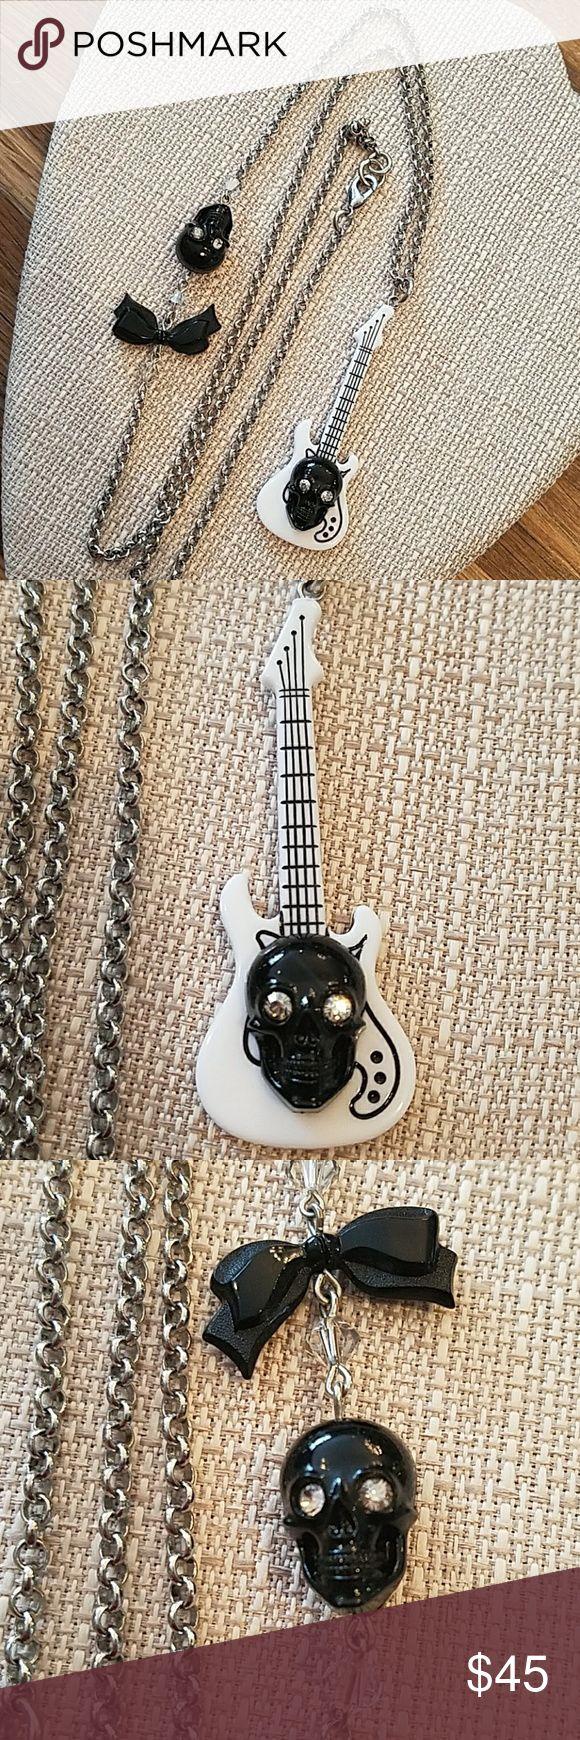 TARINA TARANTINO NECKLACE TARINA TARANTINO NECKLACE. Gothic Guitar and Skull Necklace.  EUC. Tarina Tarantino Jewelry Necklaces